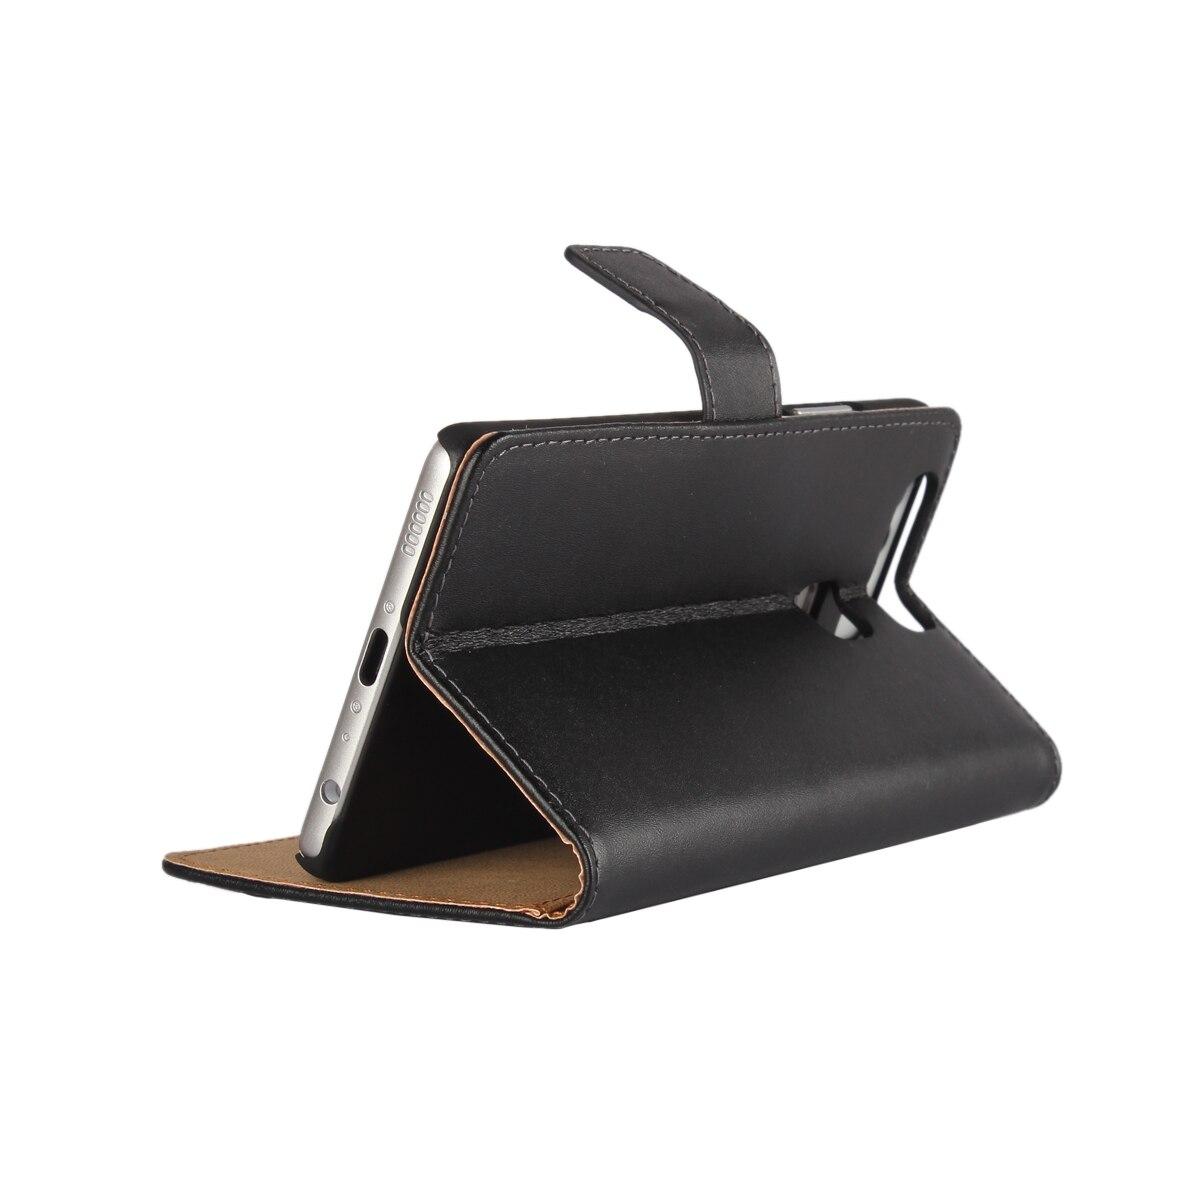 Väska till Huawei P9 täcka Premium PU-läderplånbok Väska Flip - Reservdelar och tillbehör för mobiltelefoner - Foto 5